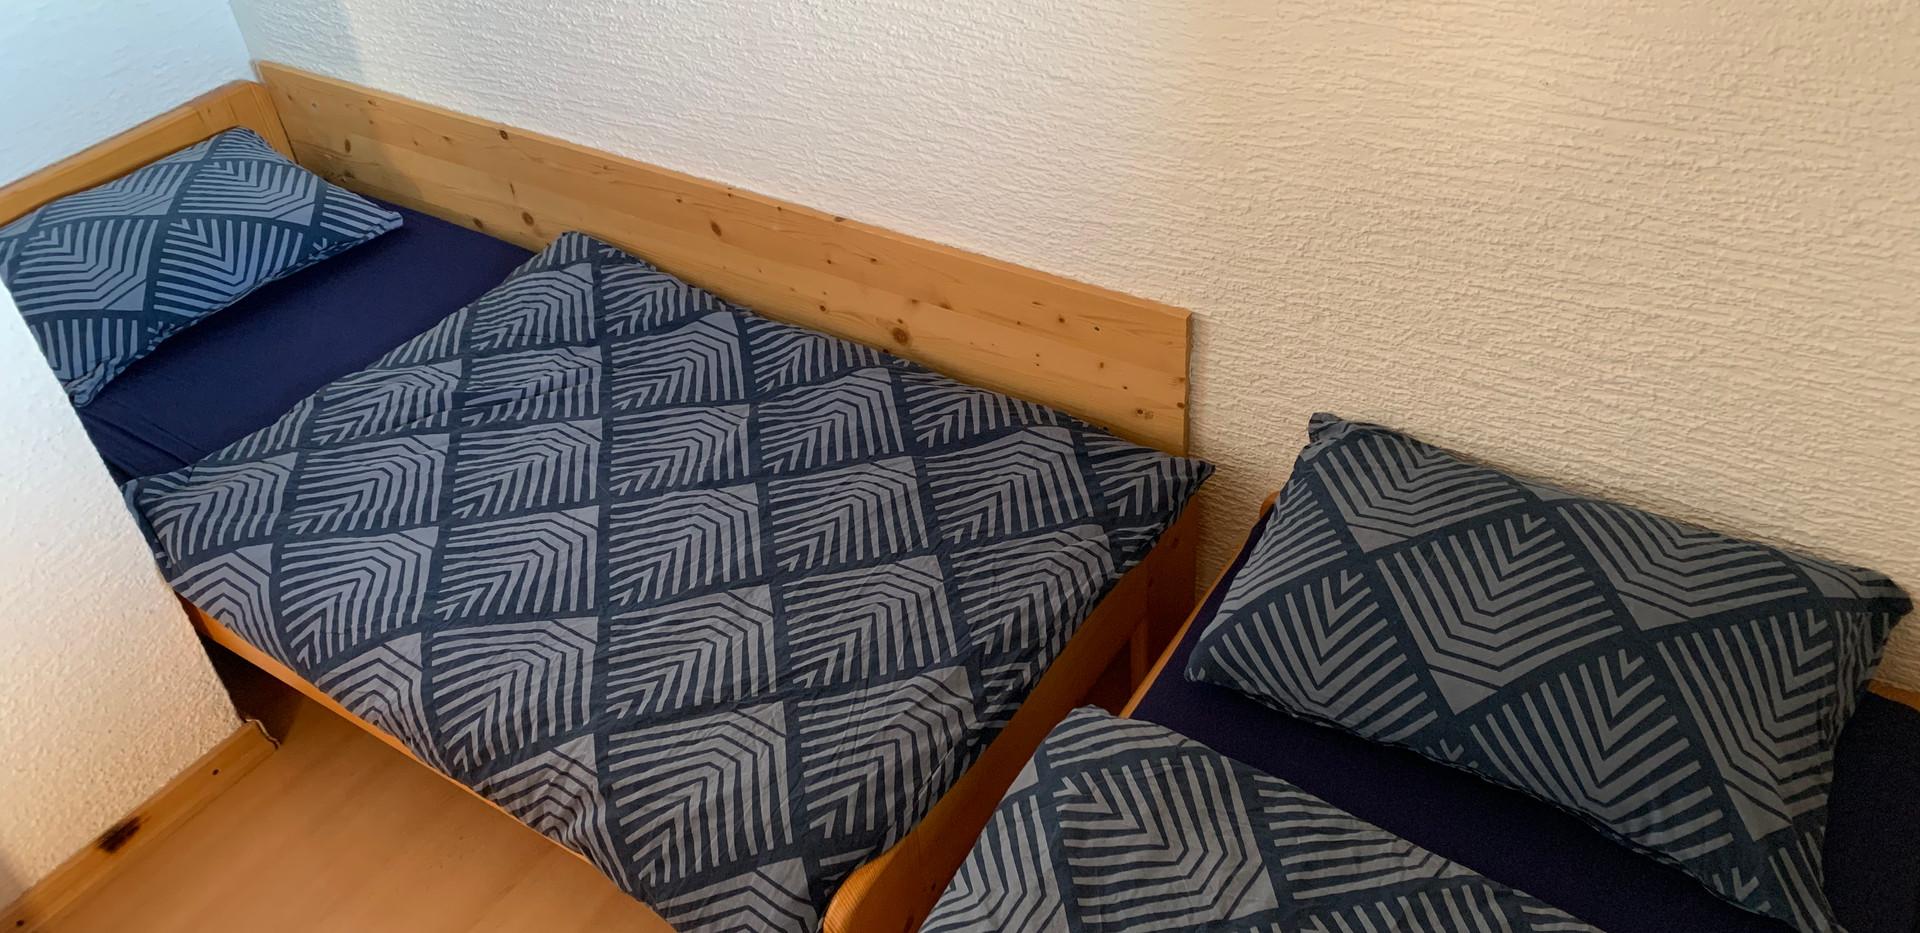 soba nadstropje (enojna postelja + postelja 80x170), namestitev Kope, koča Kope